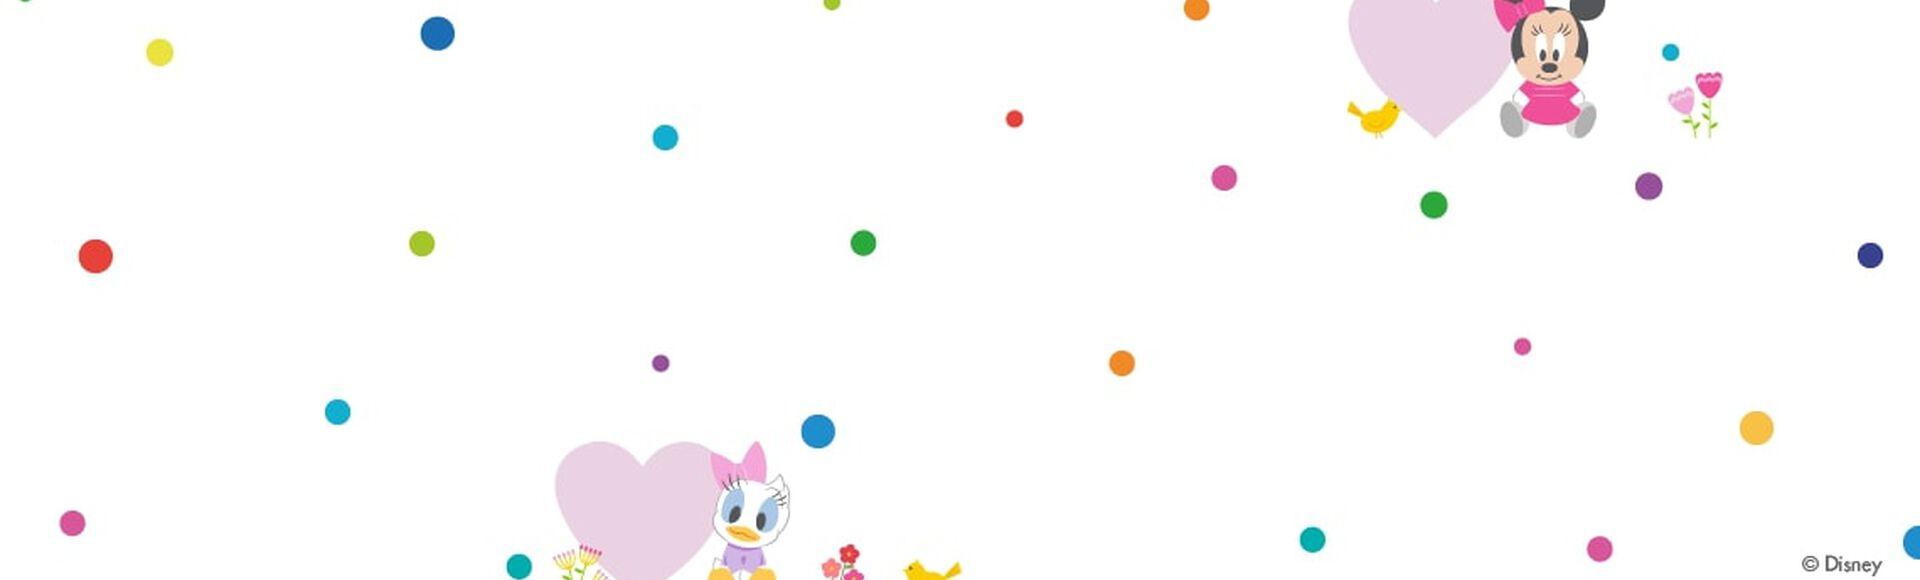 Tiaras decorativas con los personajes de Mickey y sus amigos